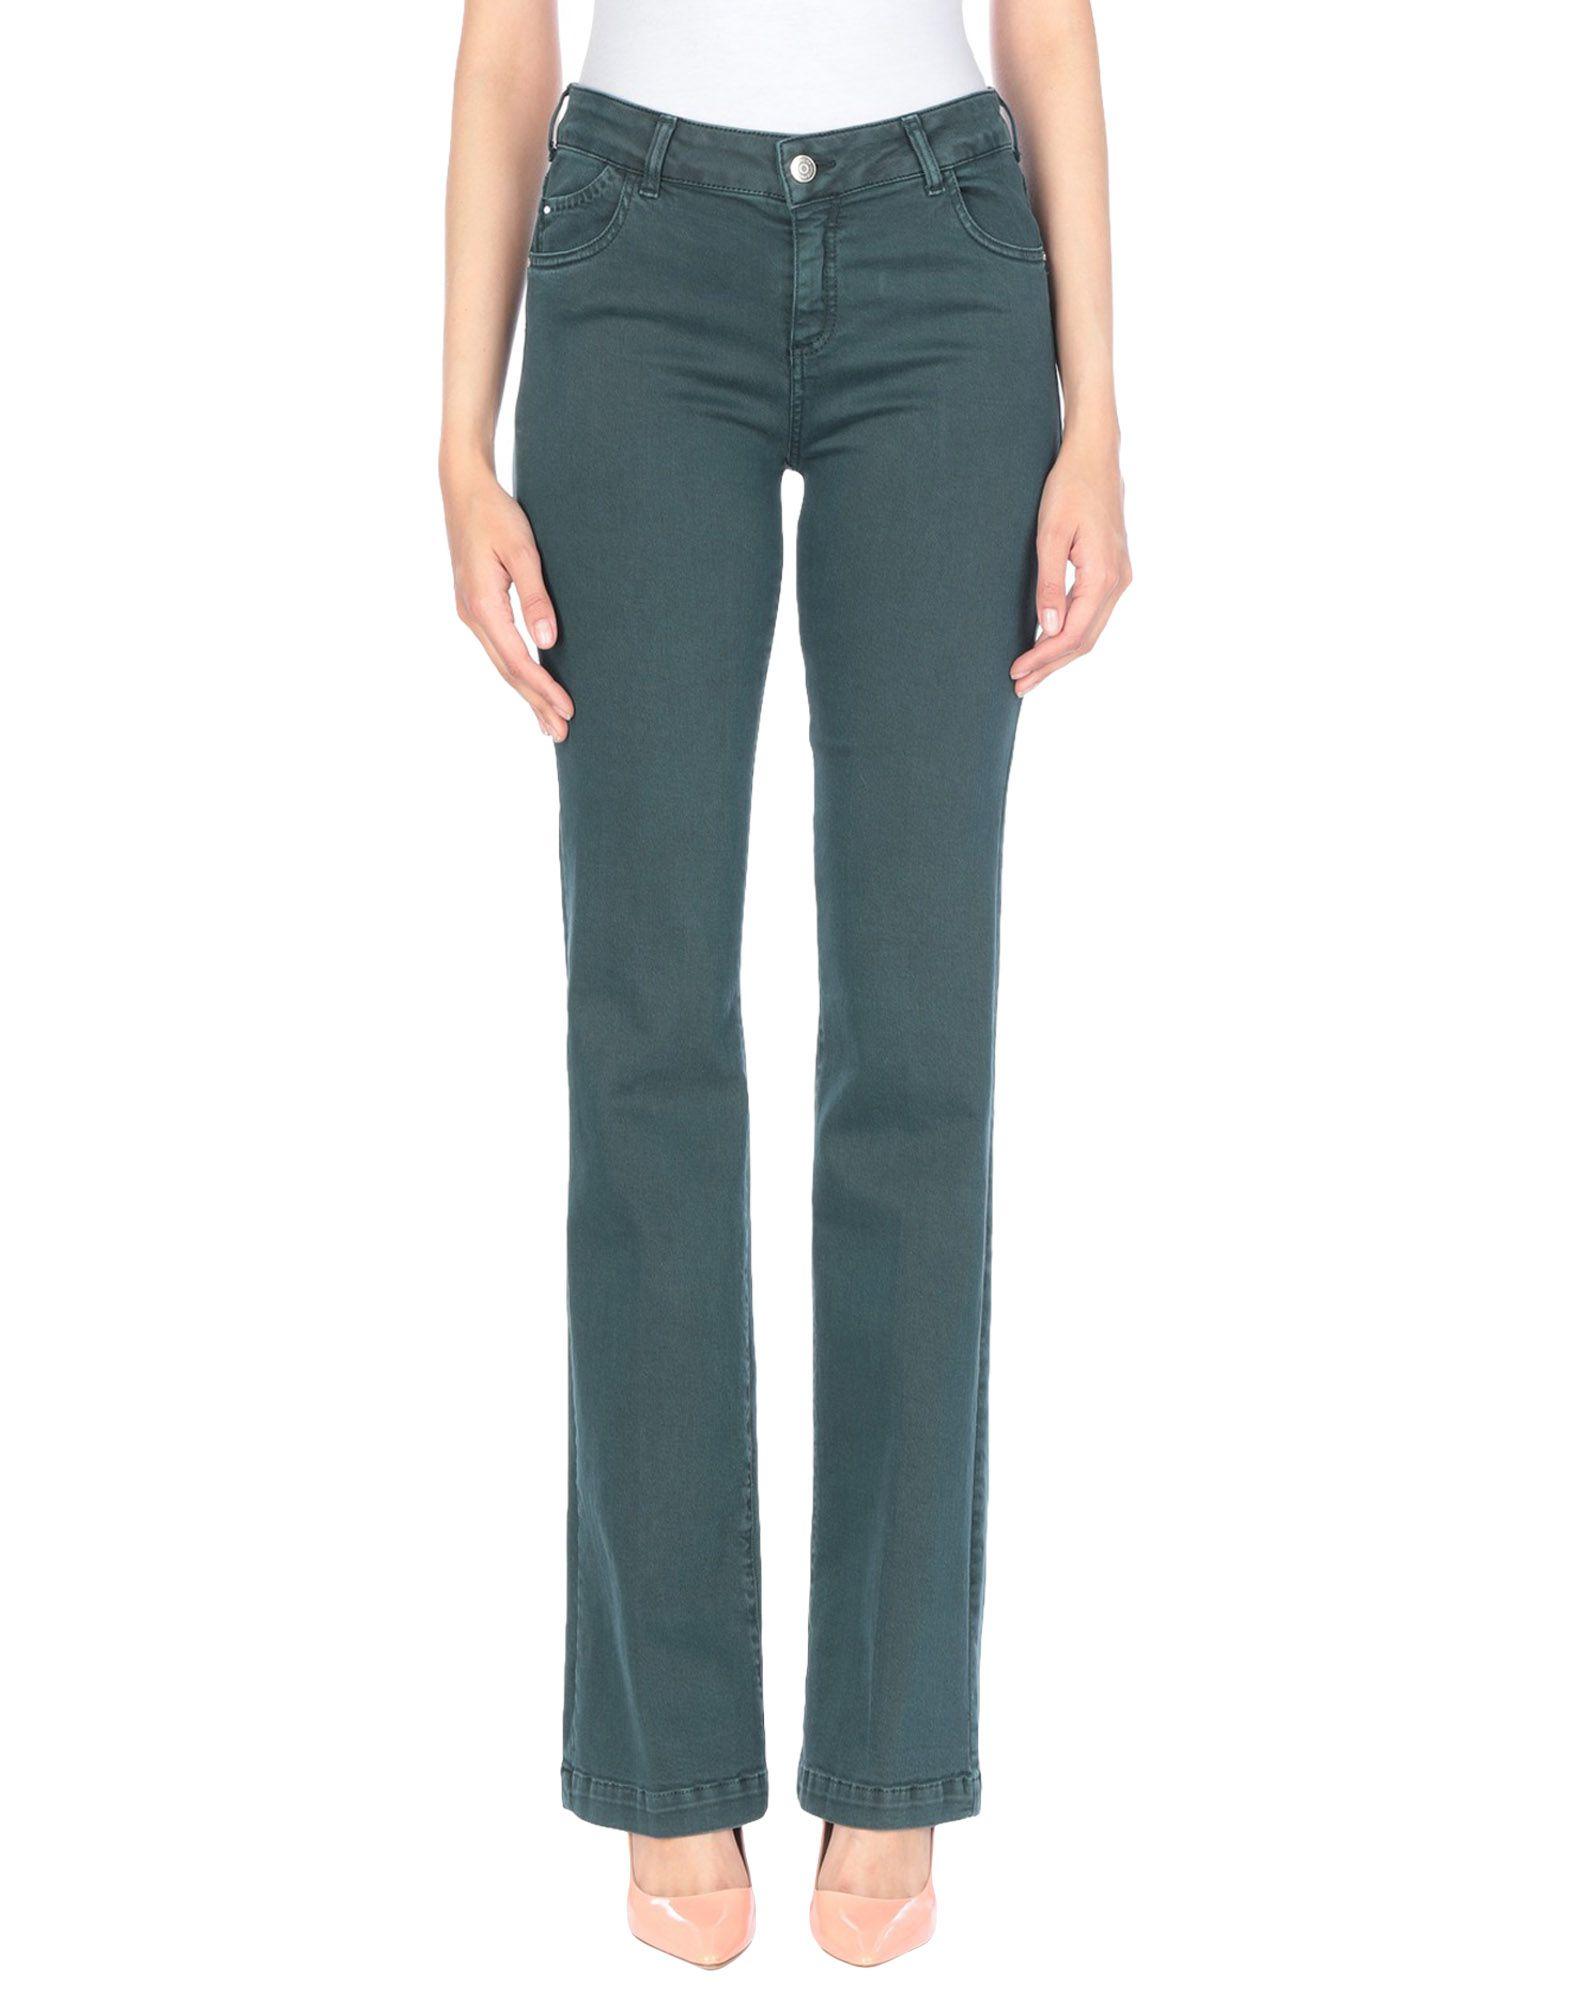 купить KOCCA Джинсовые брюки по цене 4640 рублей